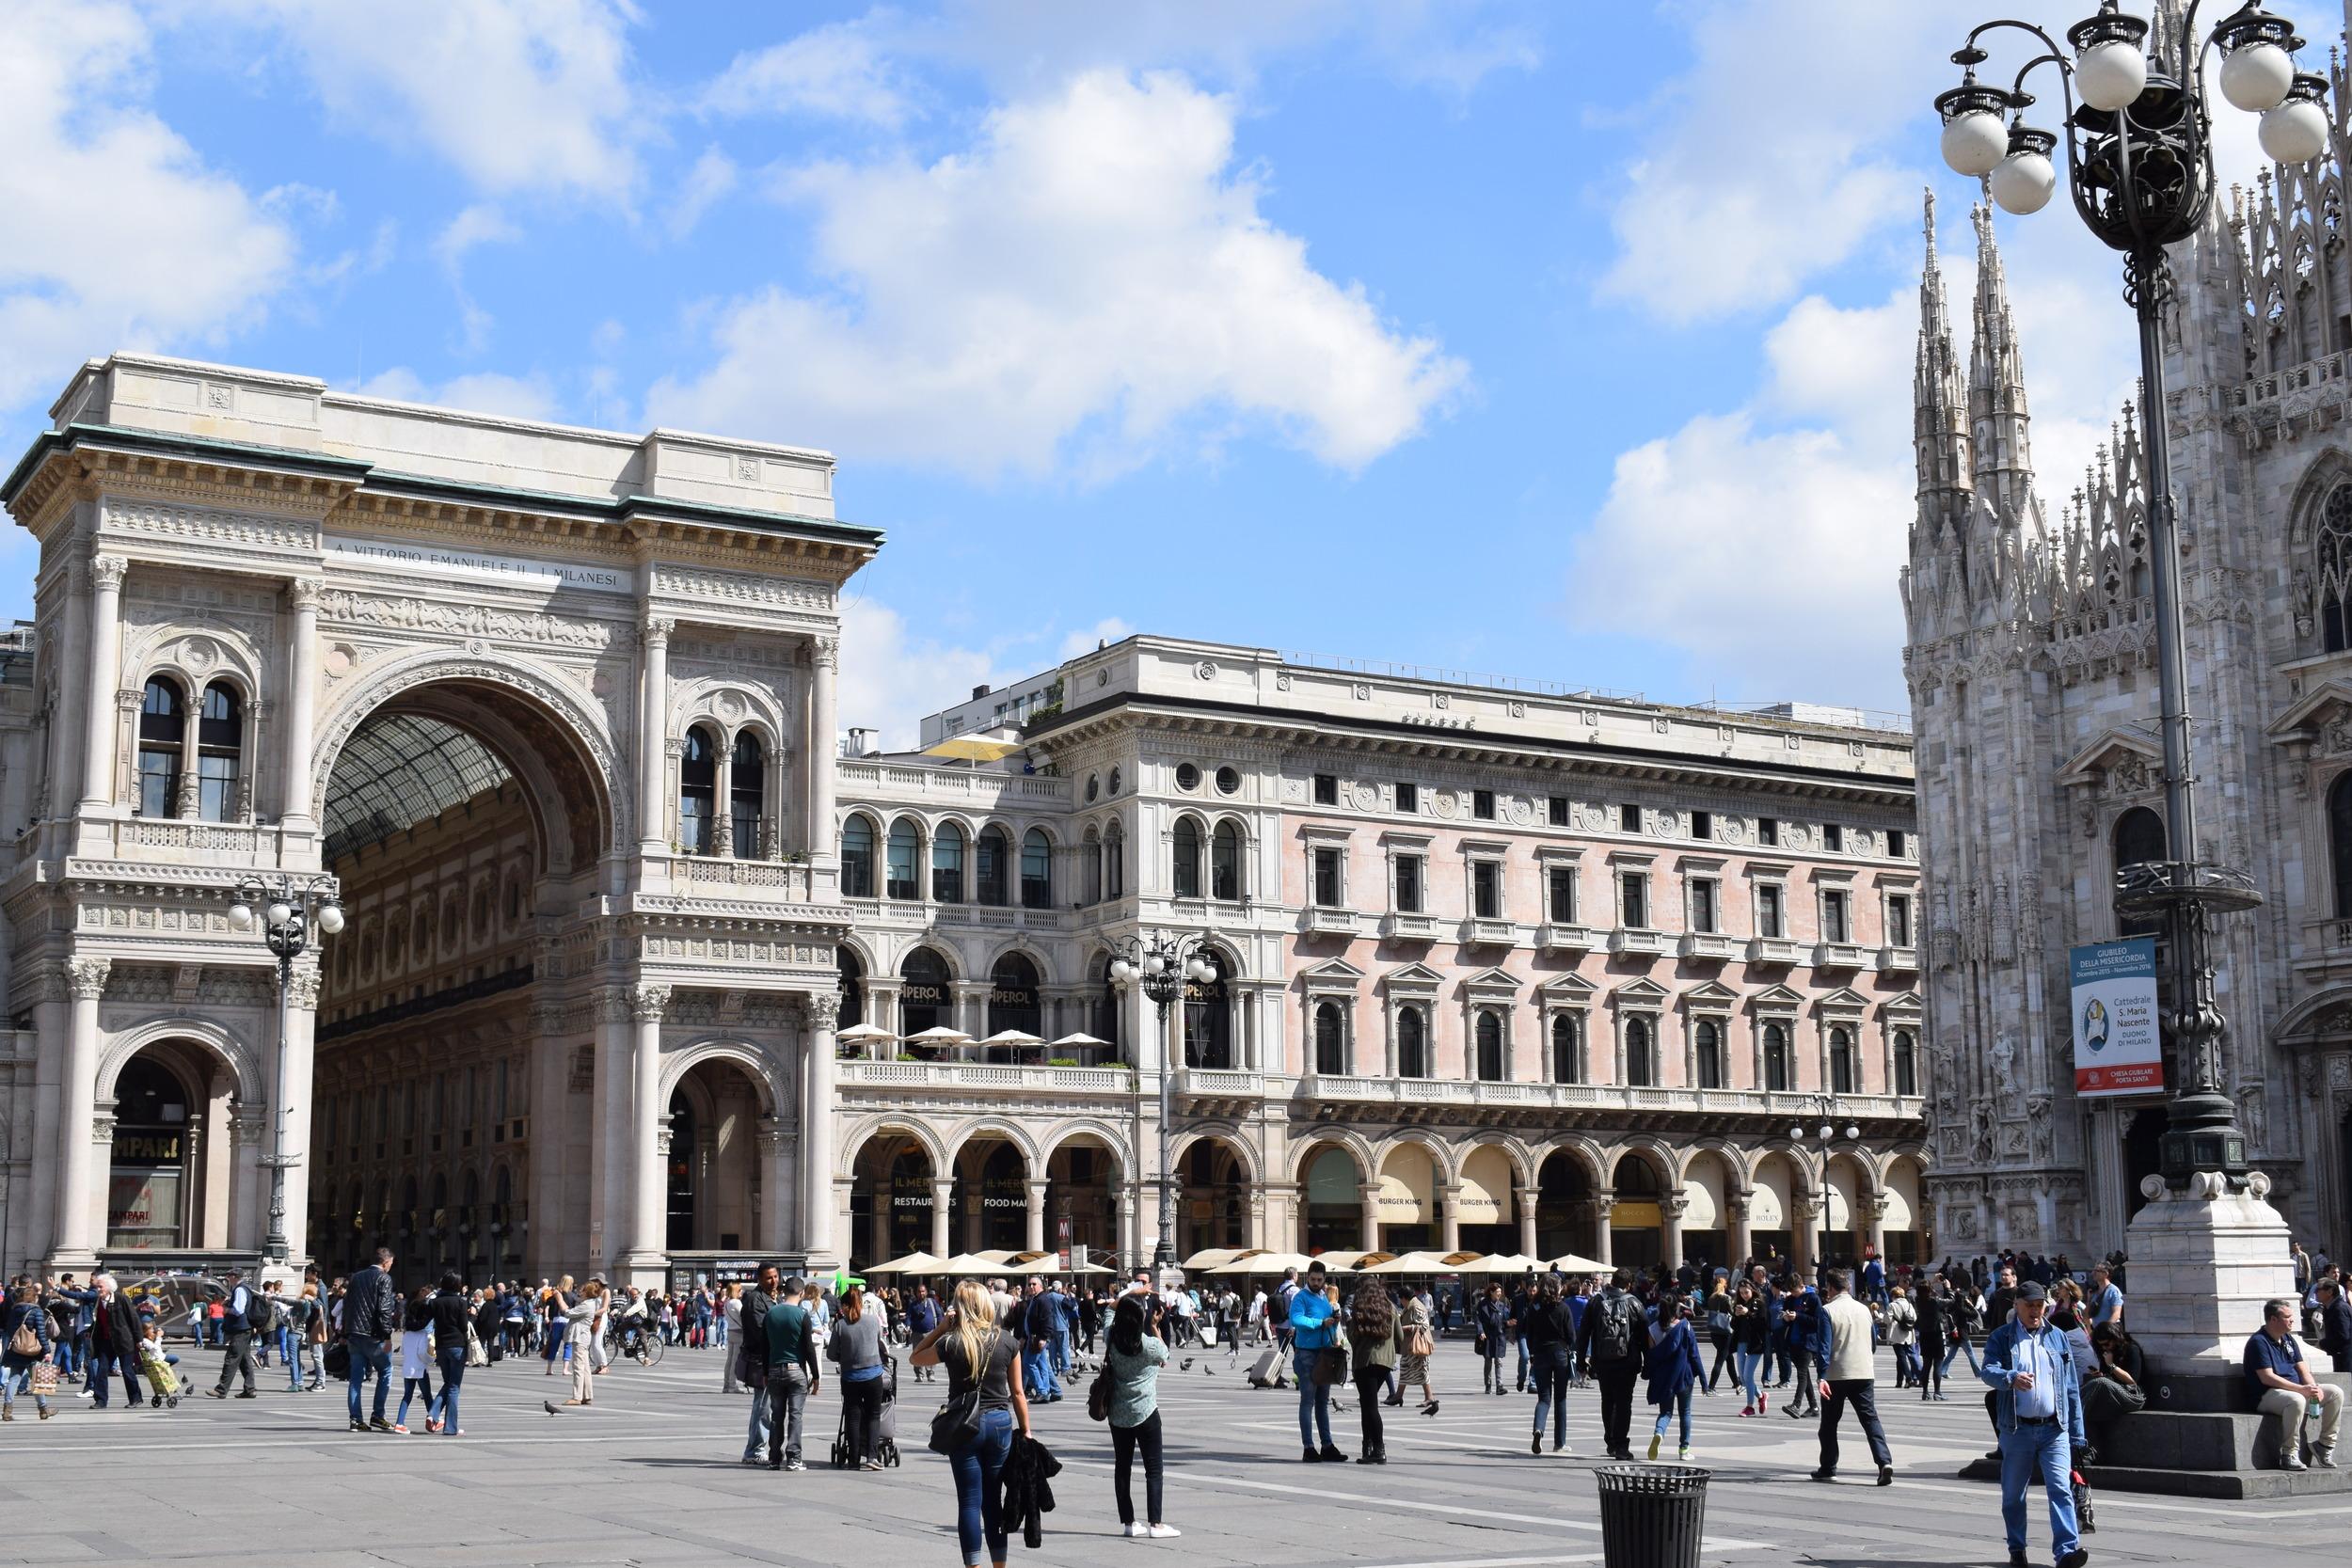 A closer look at Galleria Vittorio Emanuele II.